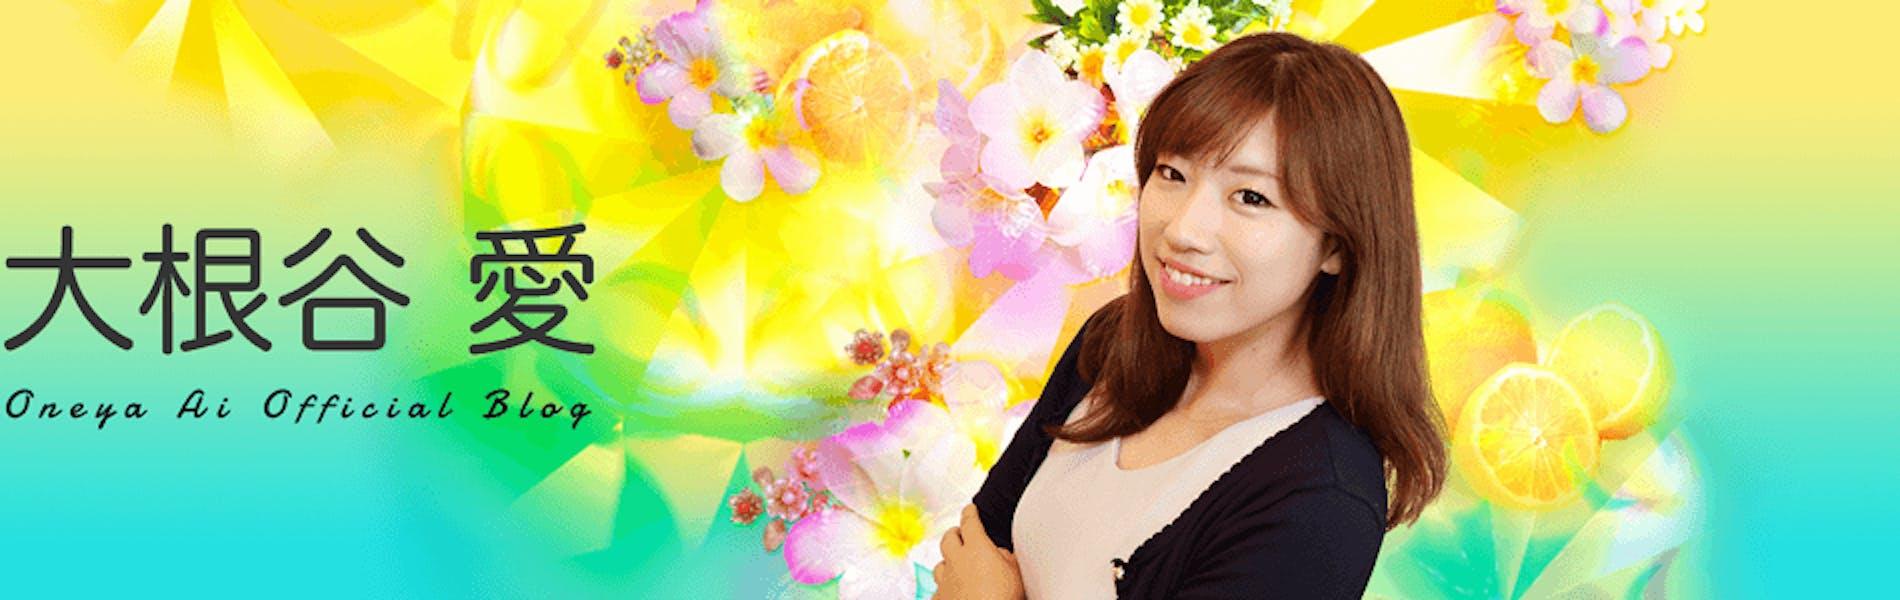 大根谷愛 オフィシャルブログ